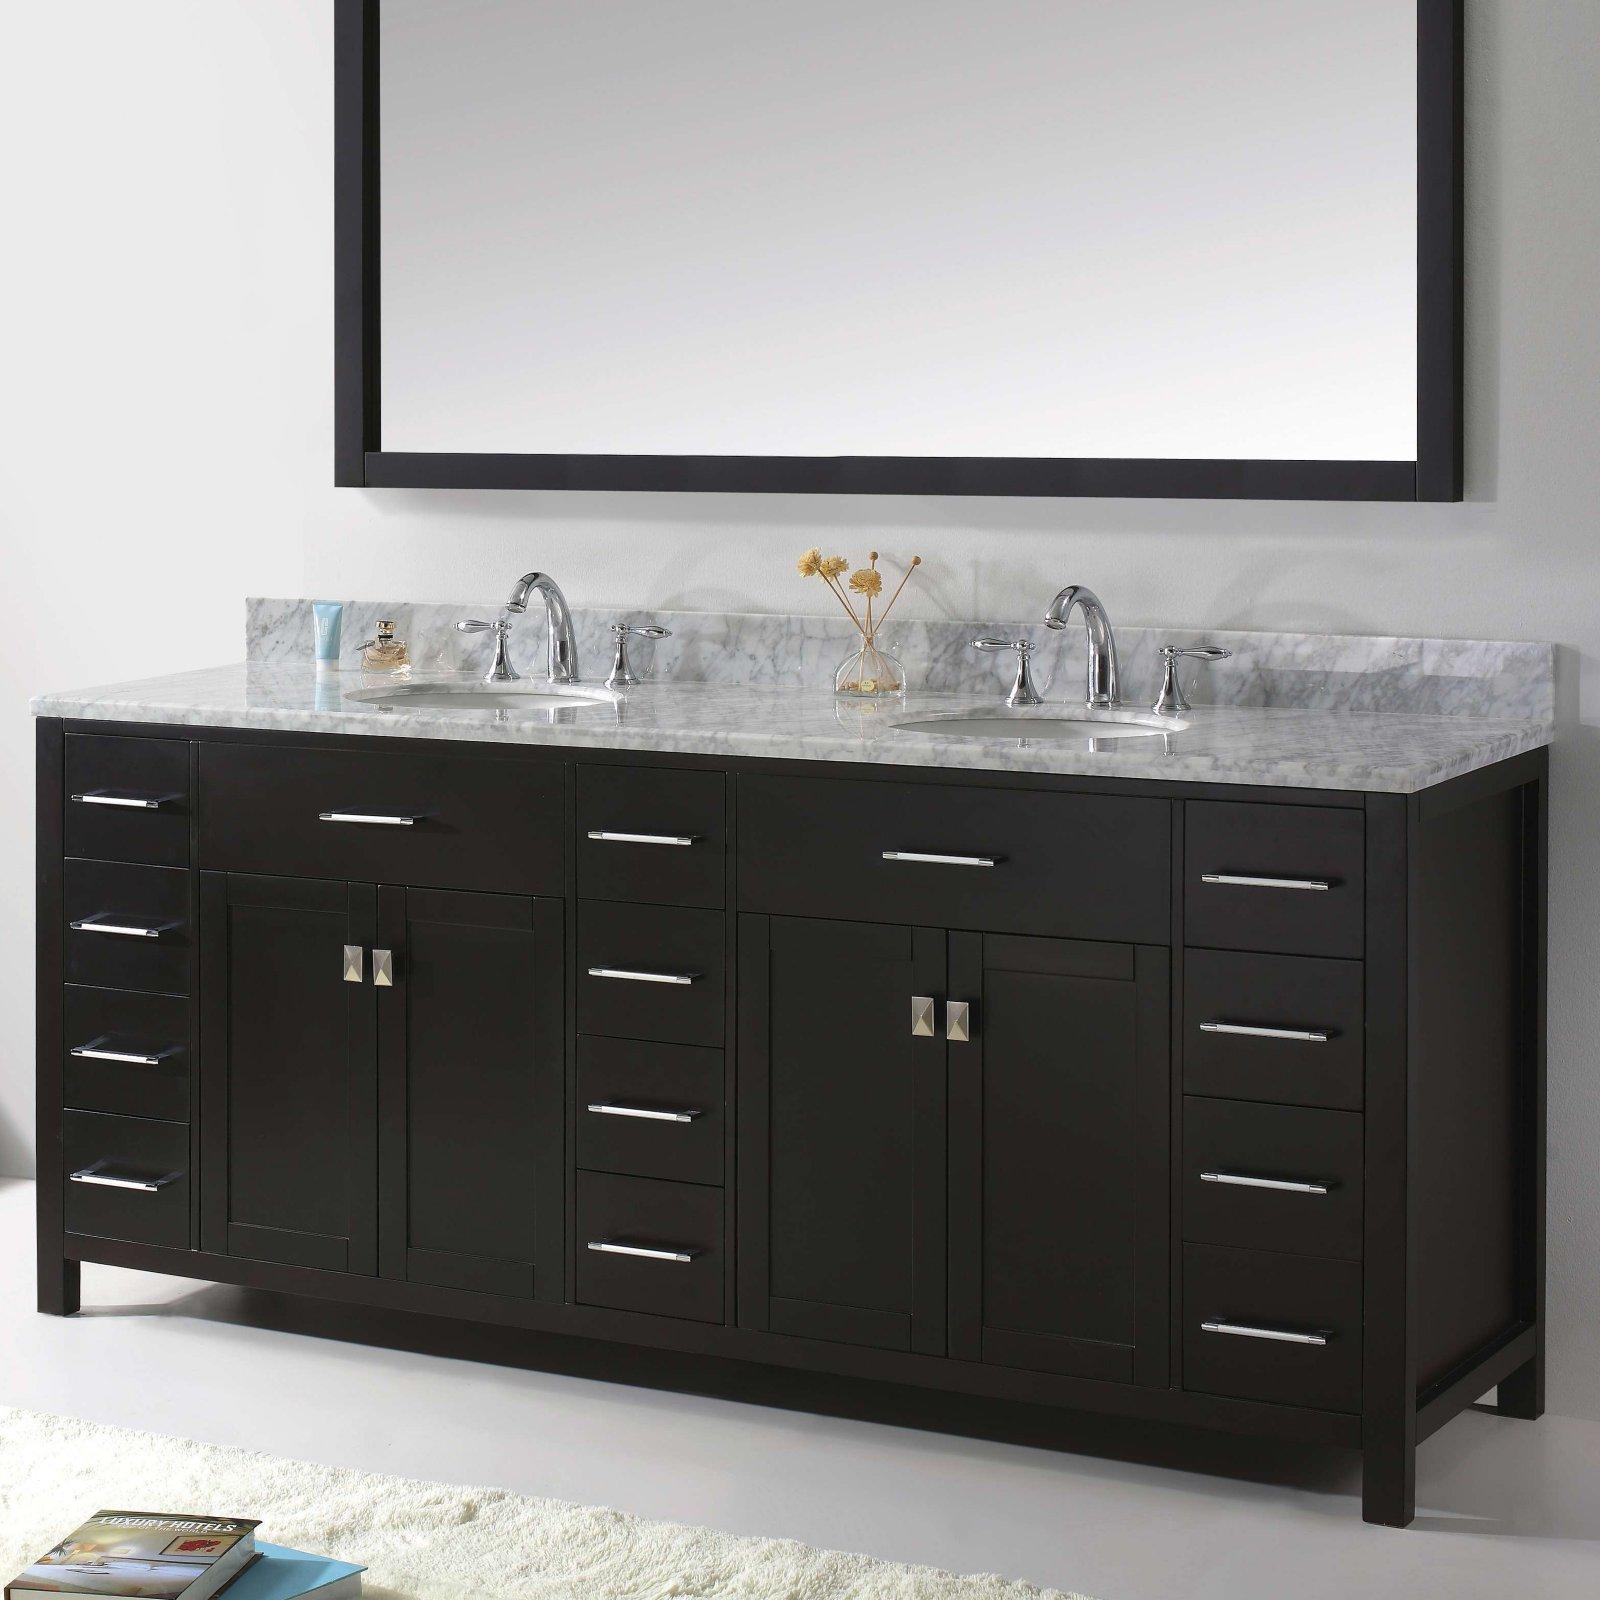 Virtu Caroline Parkway 78 In Double Bathroom Vanity Cabinet